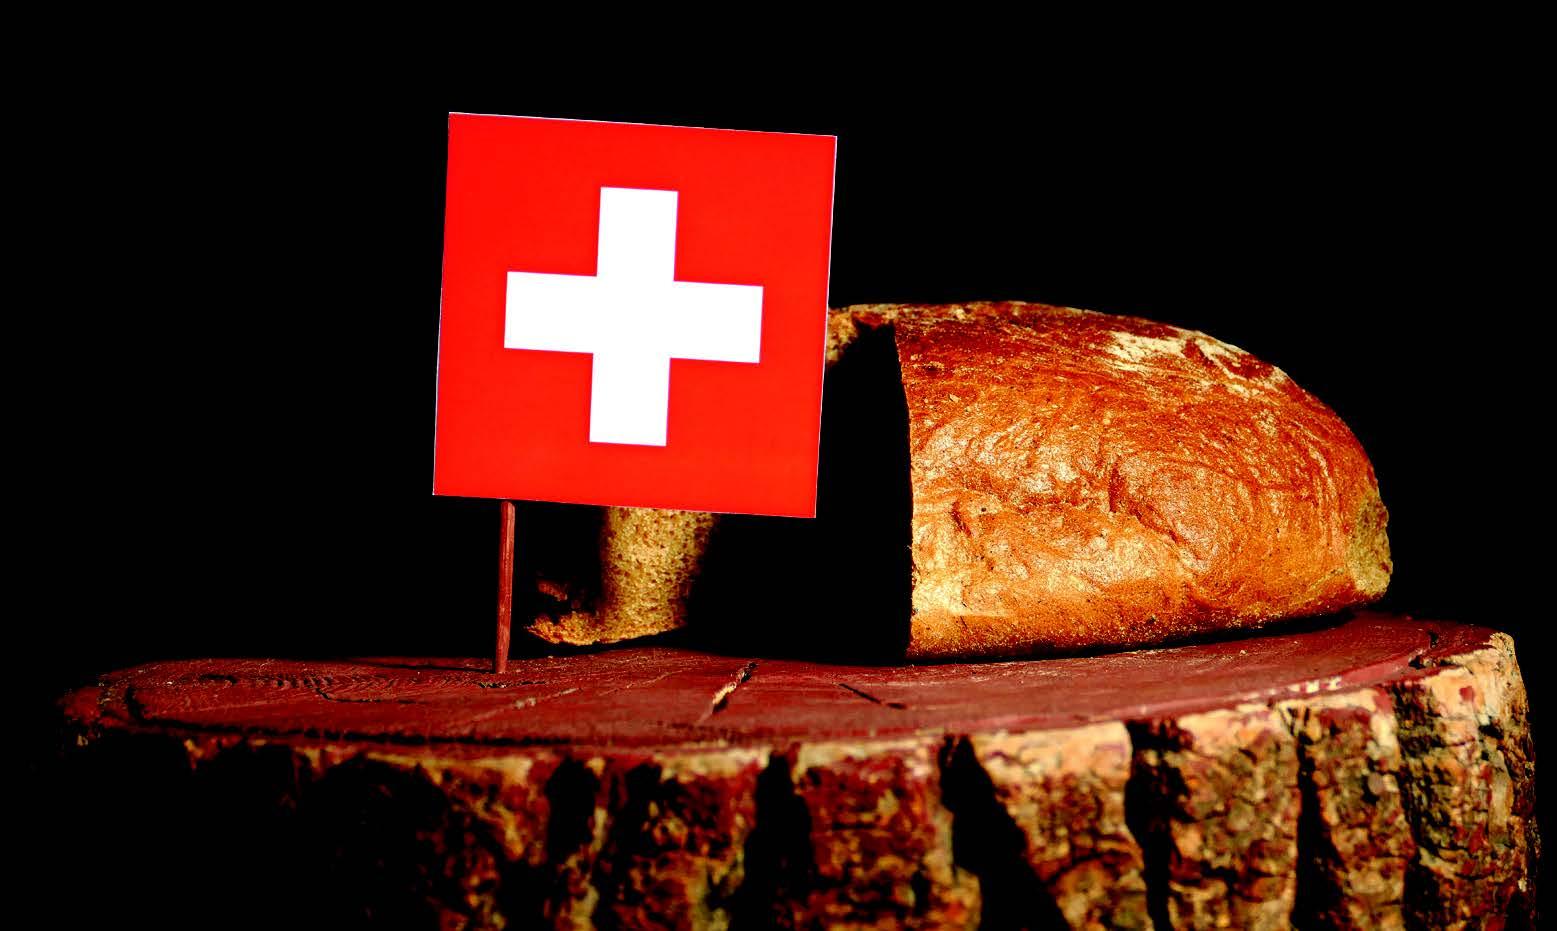 La Suisse, le pays des traditions culinaires